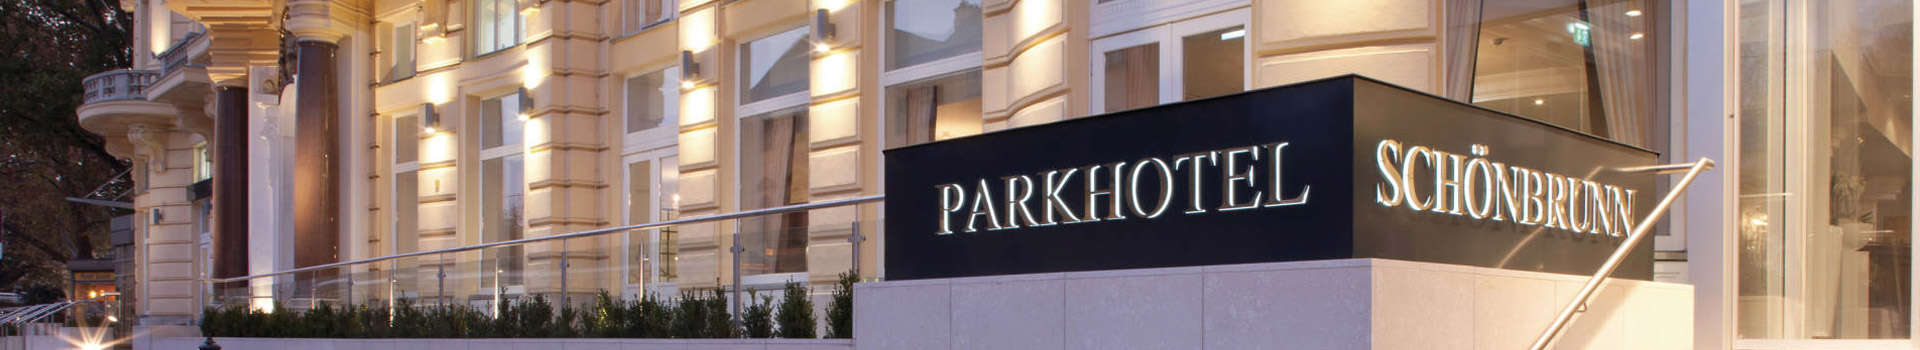 Parkhotel-Schonbrunn-Vienna